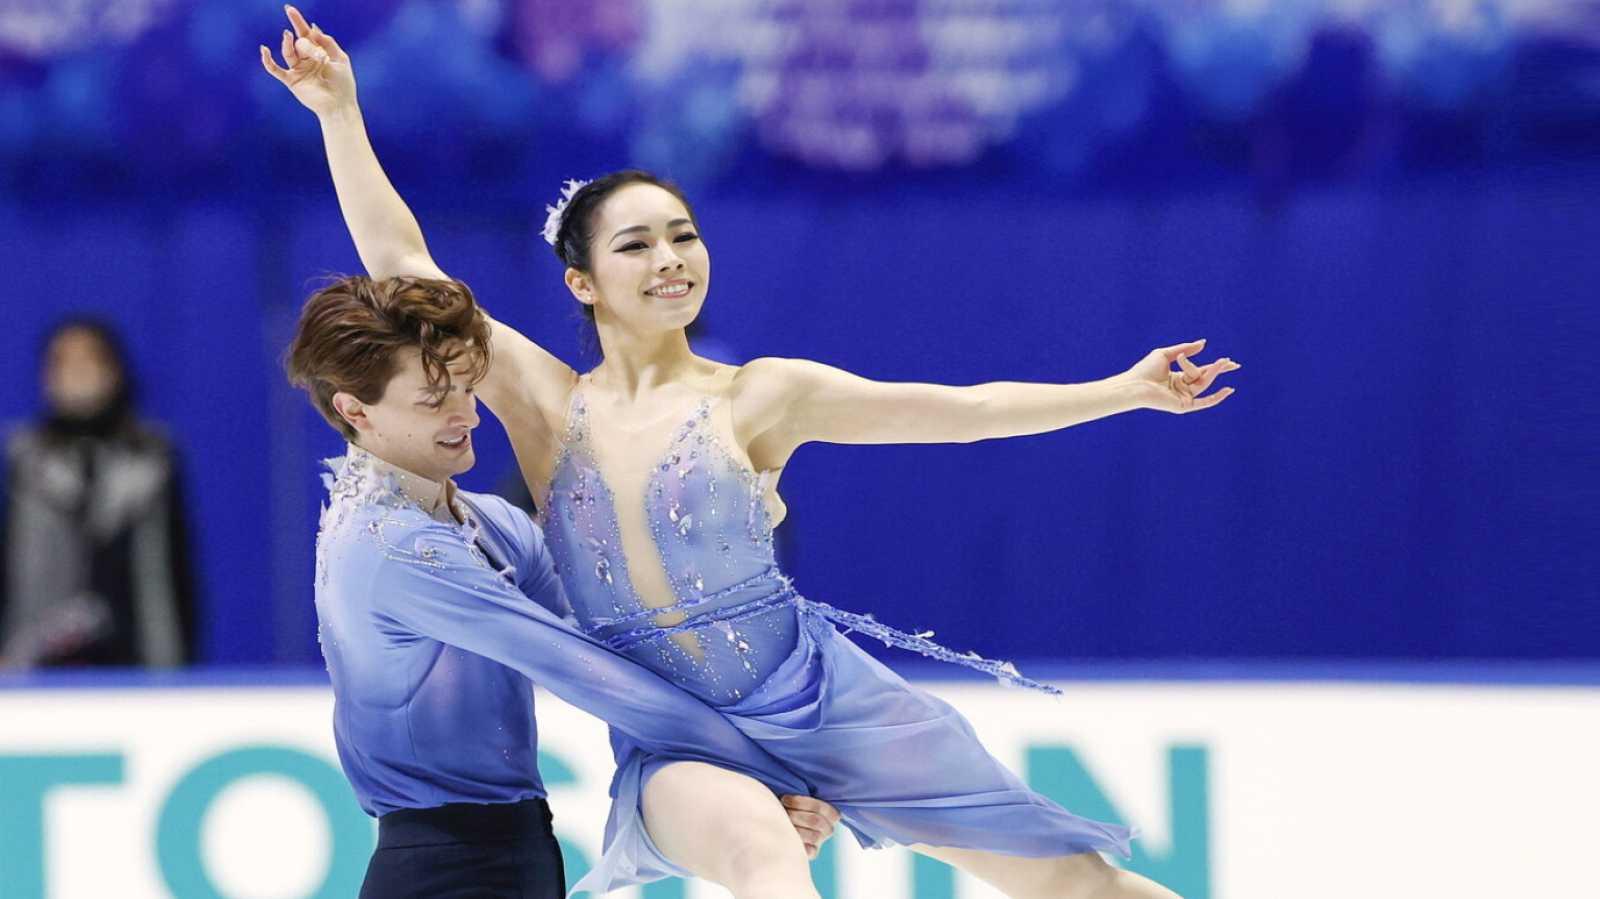 Patinaje artístico - NHK Trophy, Programa libre danza desde Osaka - ver ahora